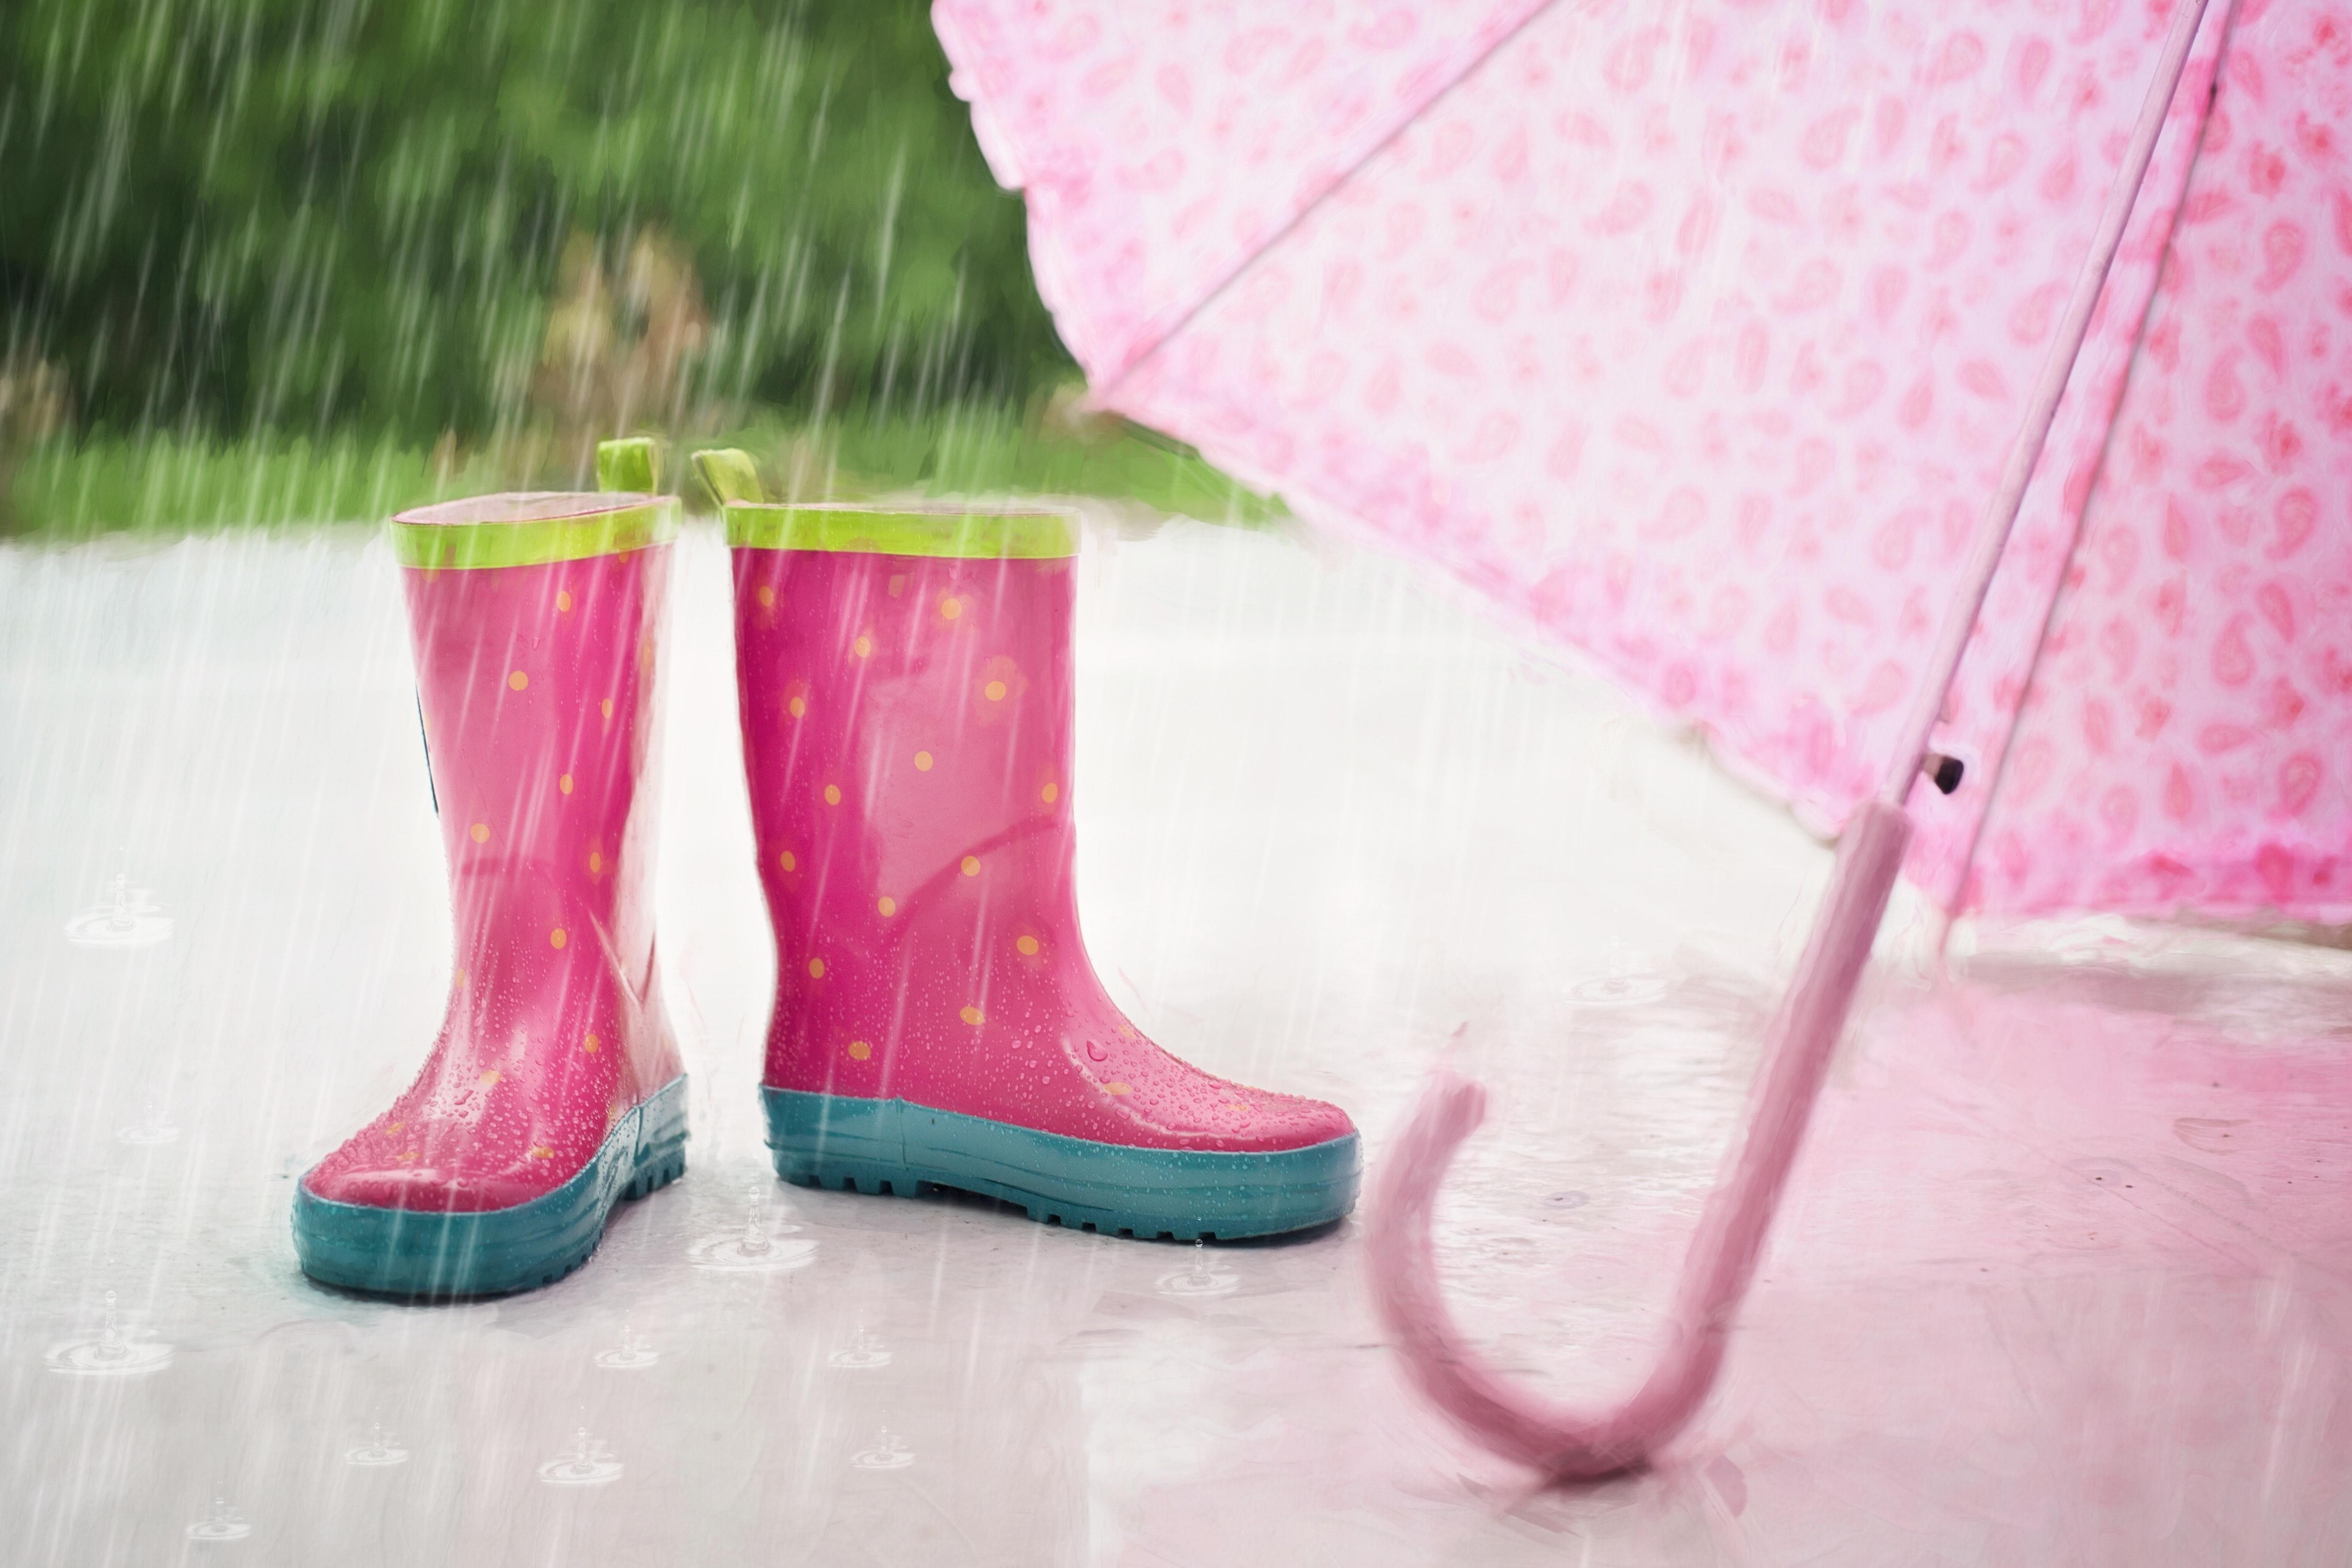 Roze regenlaarsjes en een roze paraplu